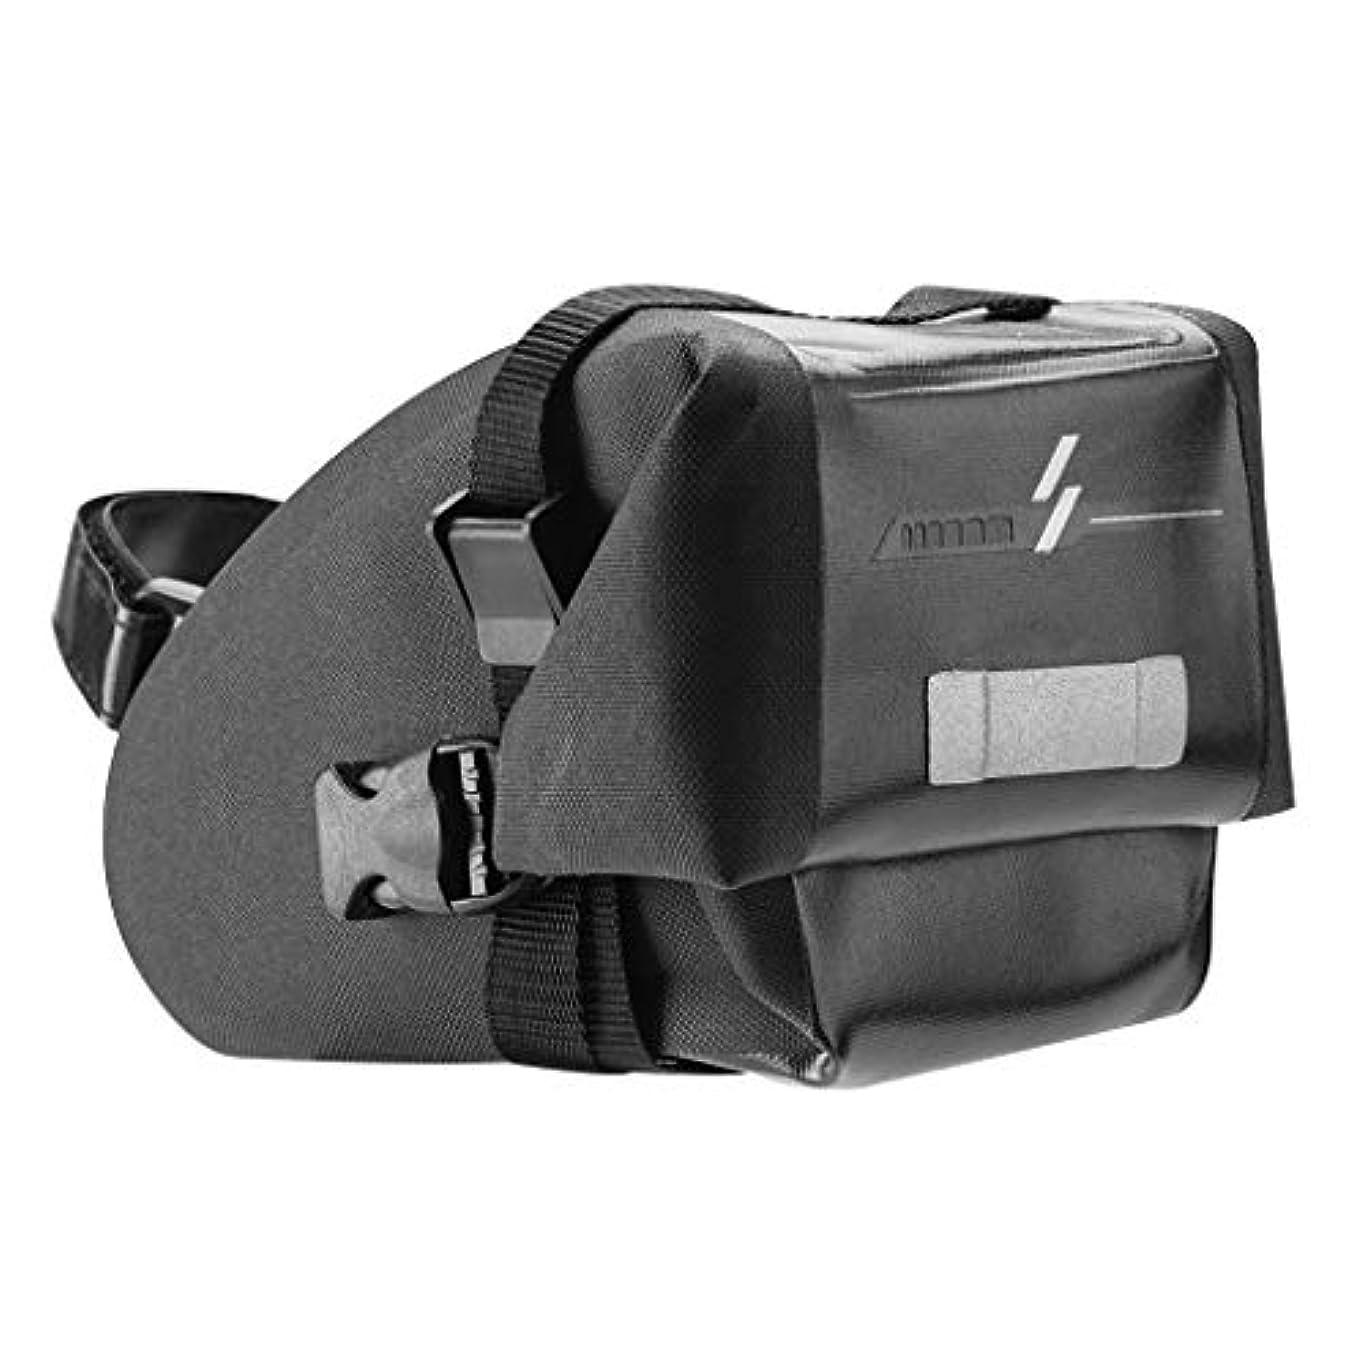 顧問教育表面F Fityle オートバイ 財布エクササイズ用 テールリアシートバッグ バイクサドルバッグ ブラック